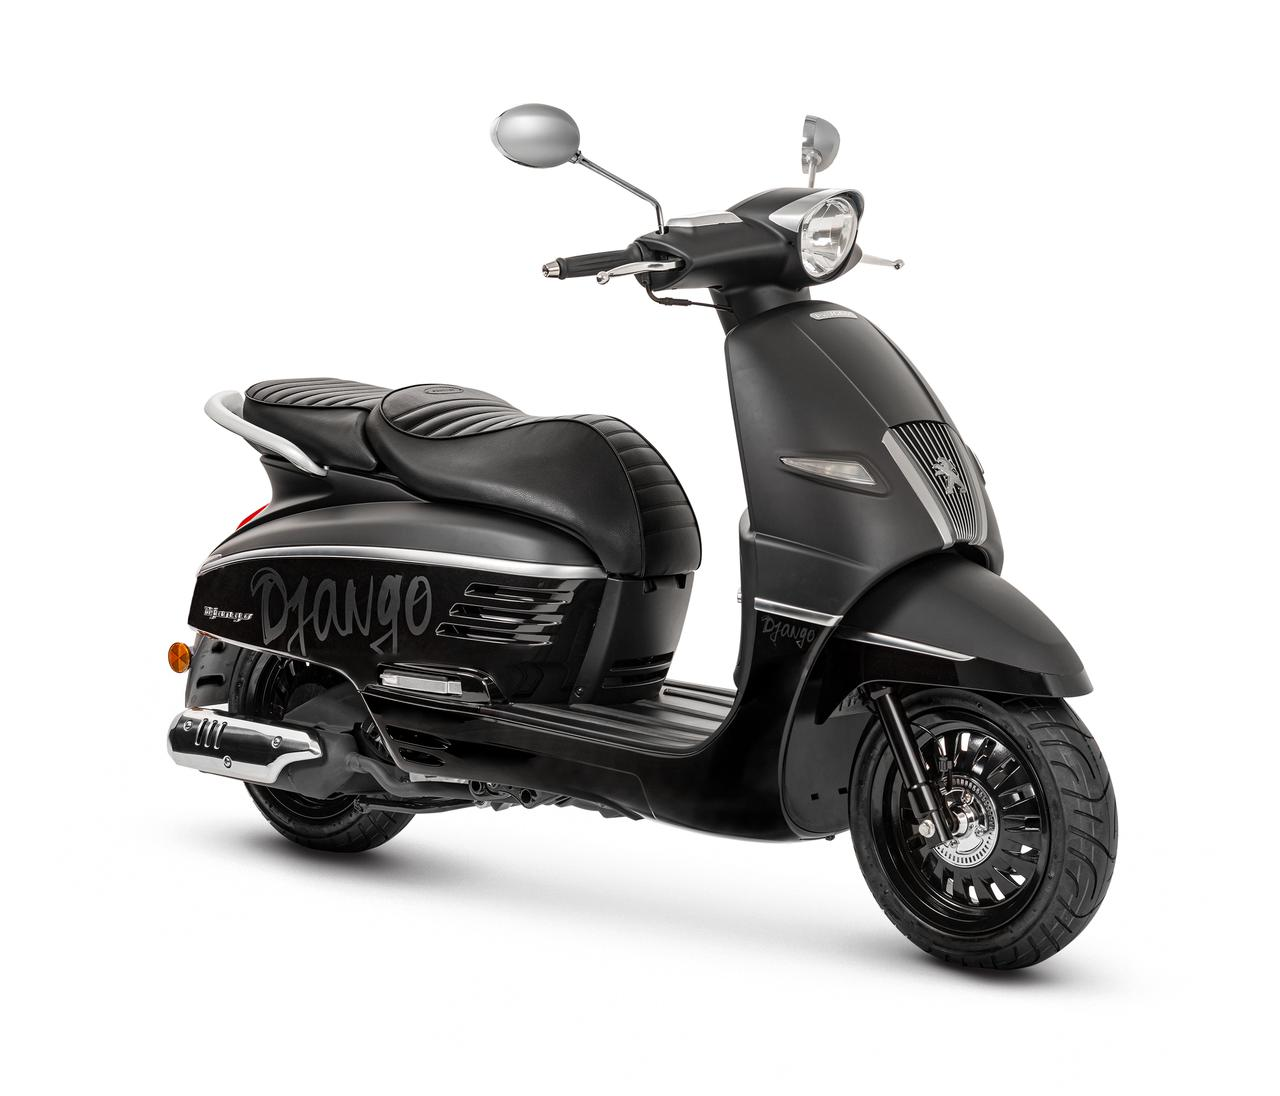 Images : 1番目の画像 - ジャンゴシリーズ2020年モデルの写真 - webオートバイ